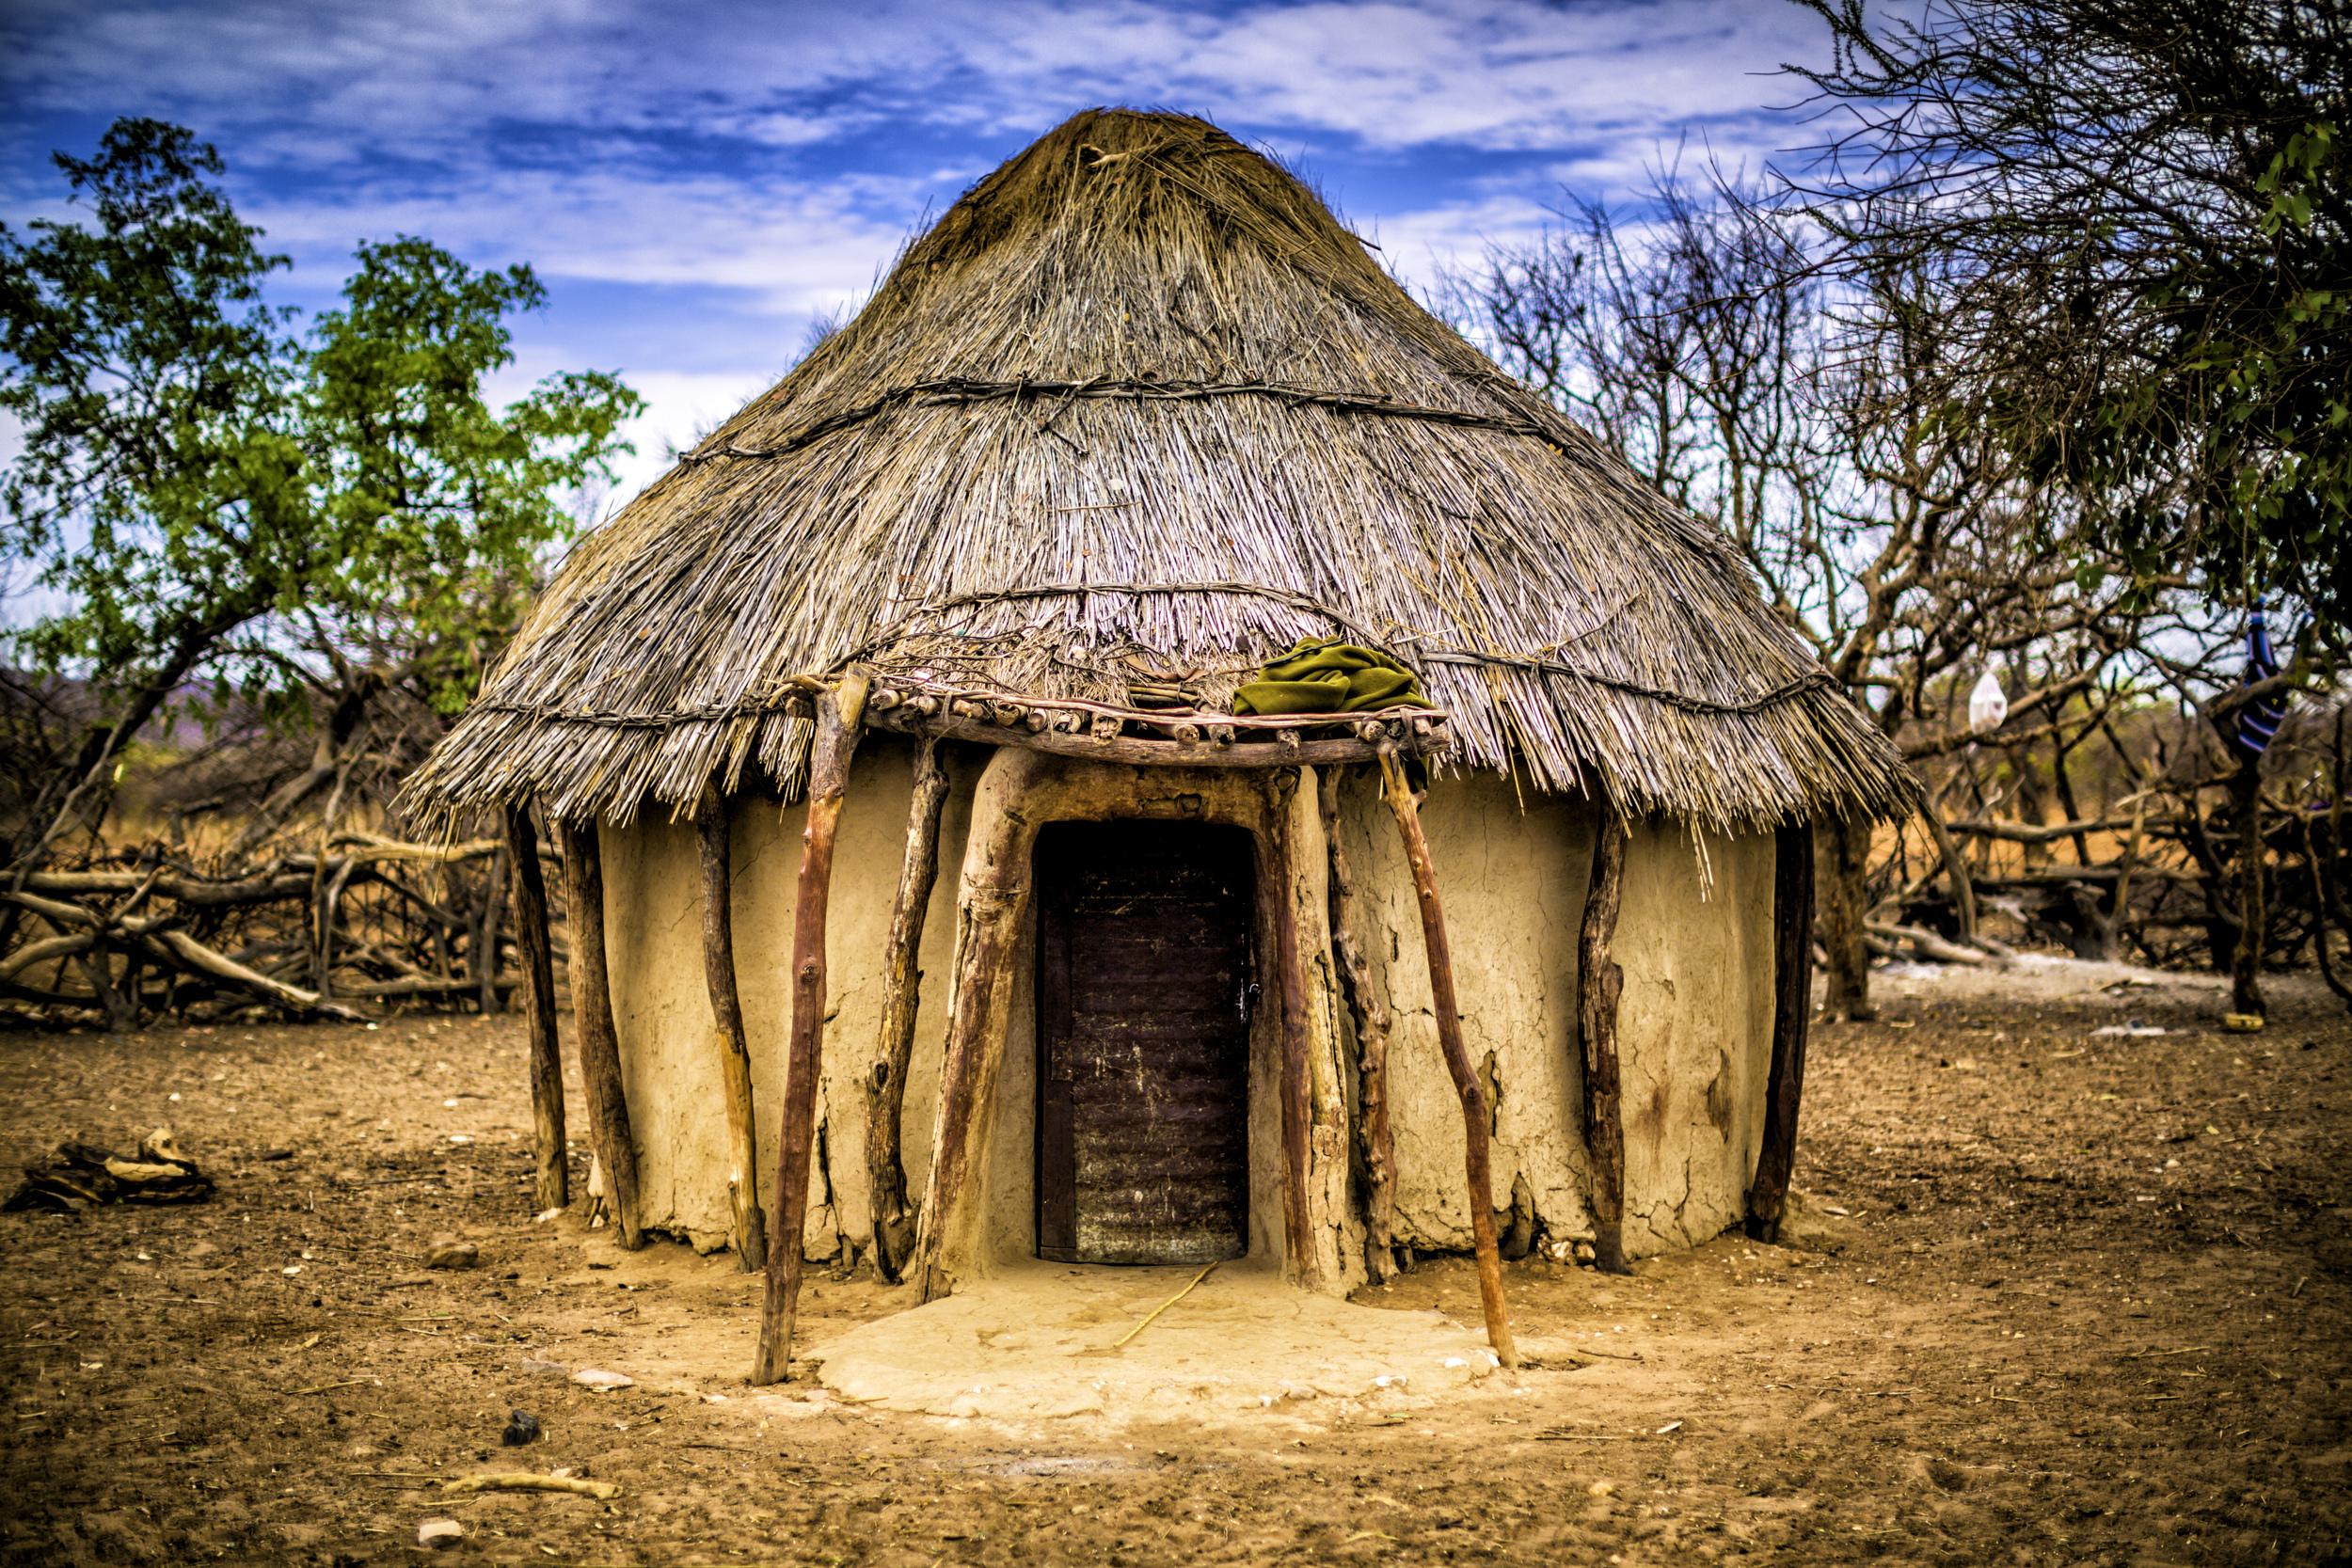 Himba Hut